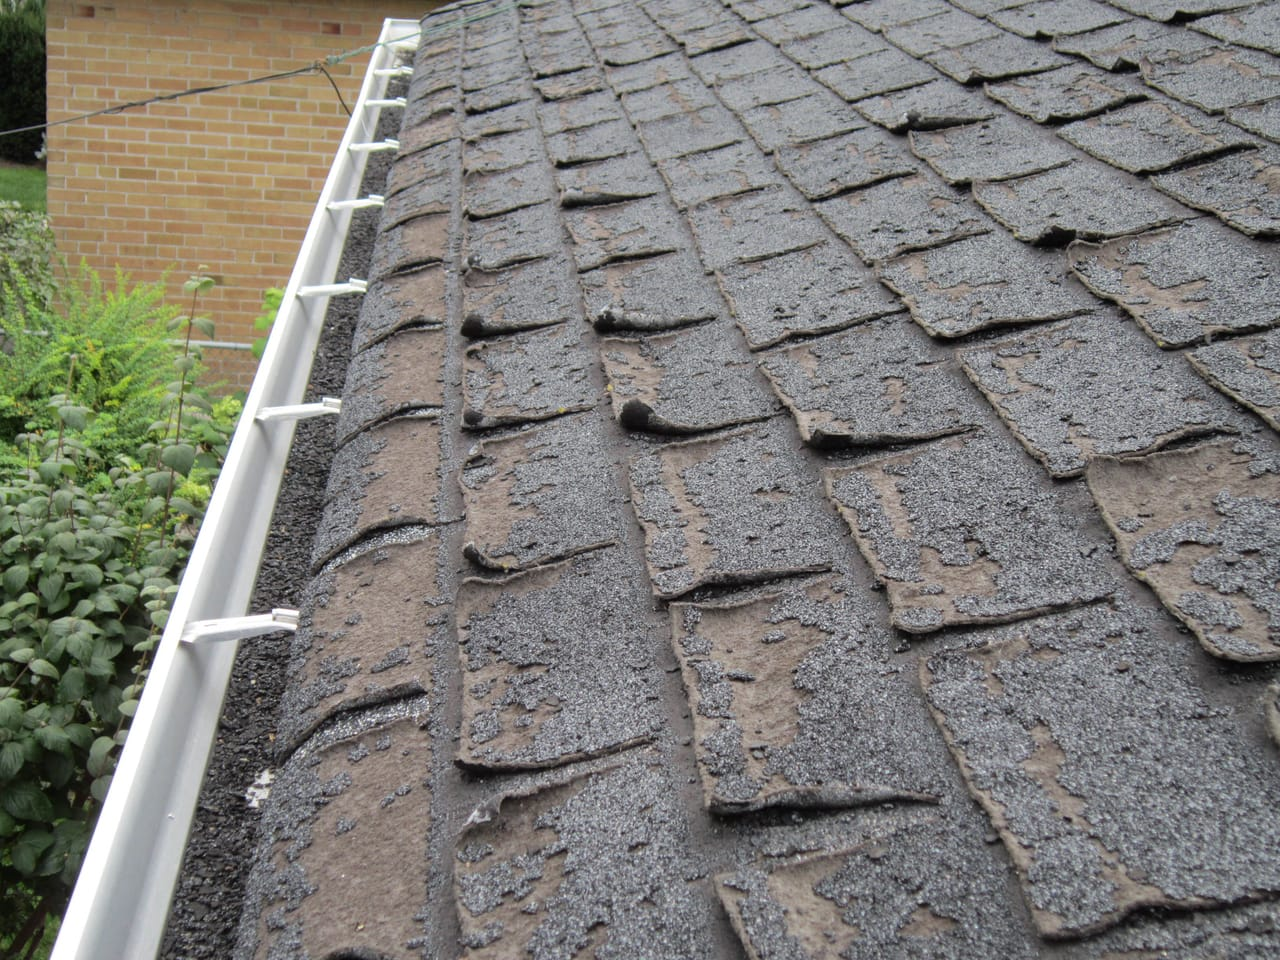 damaged-roof-shingles